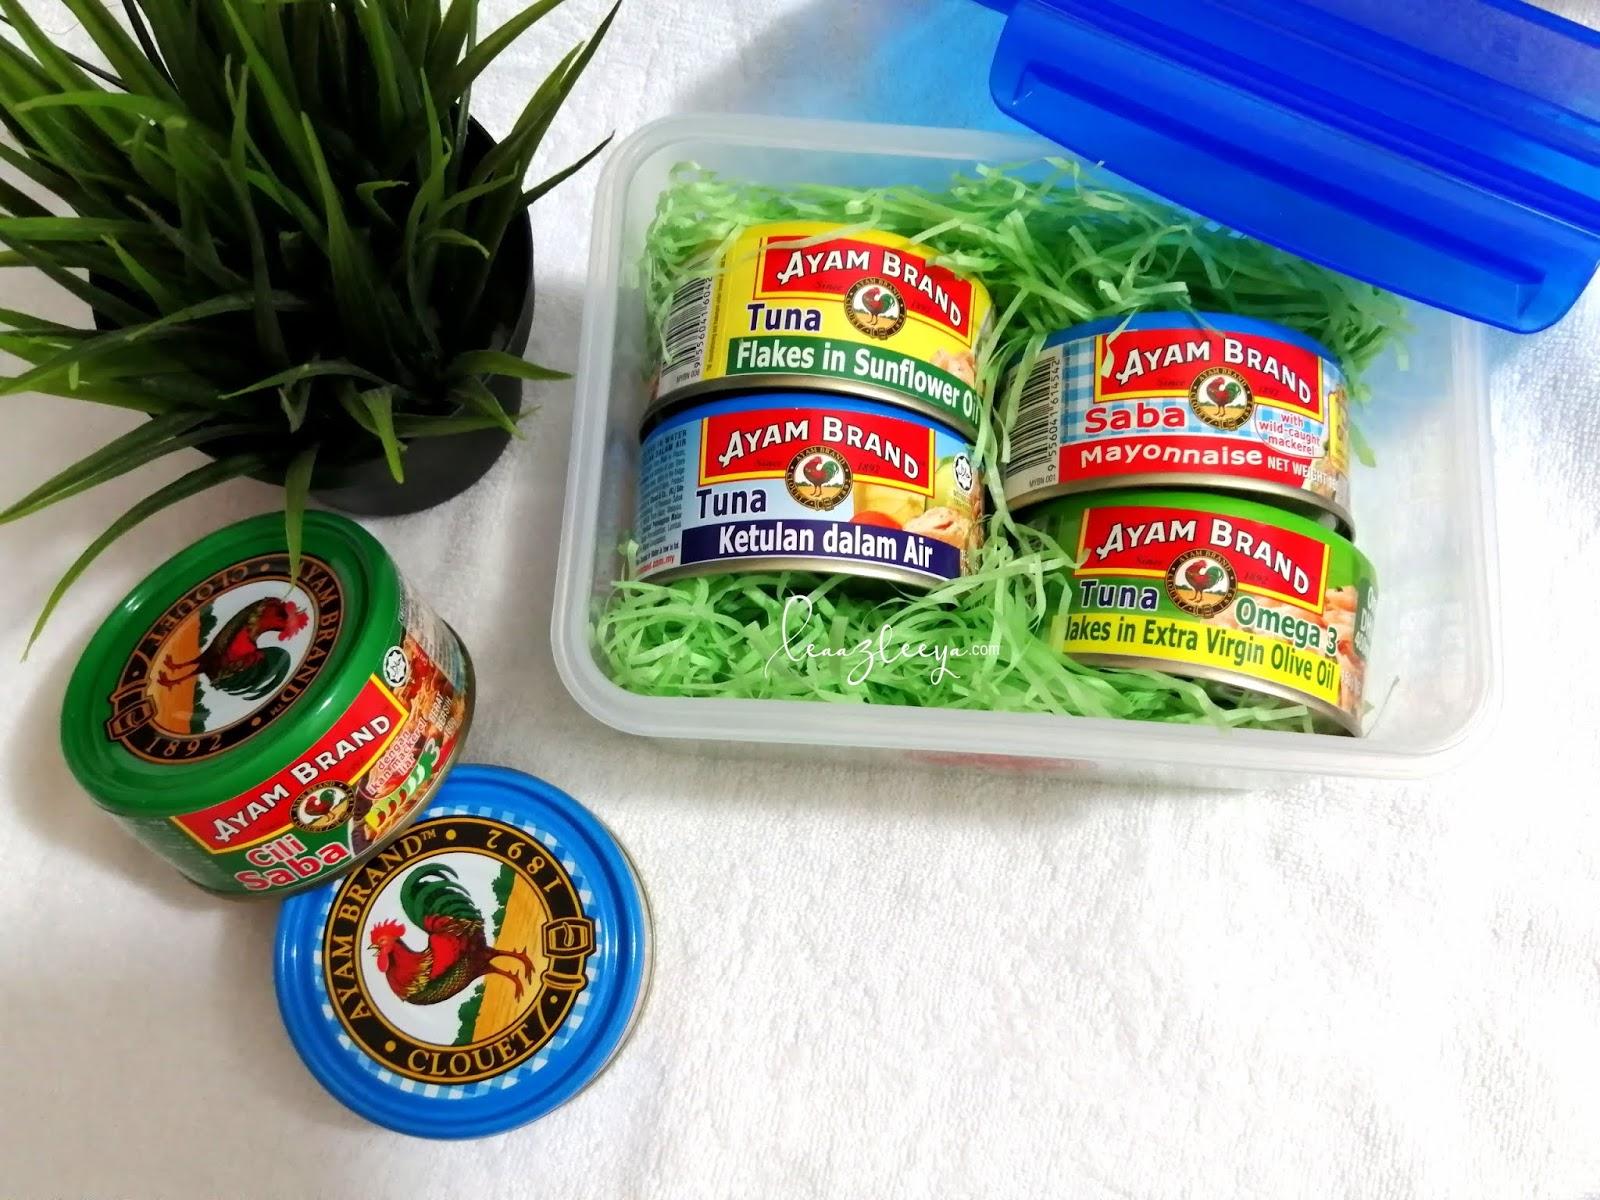 enam idea bento box  sedap  menyelerakan daripada ayam brand  enak  mudah Resepi Ayam Untuk Kanak Kanak Enak dan Mudah